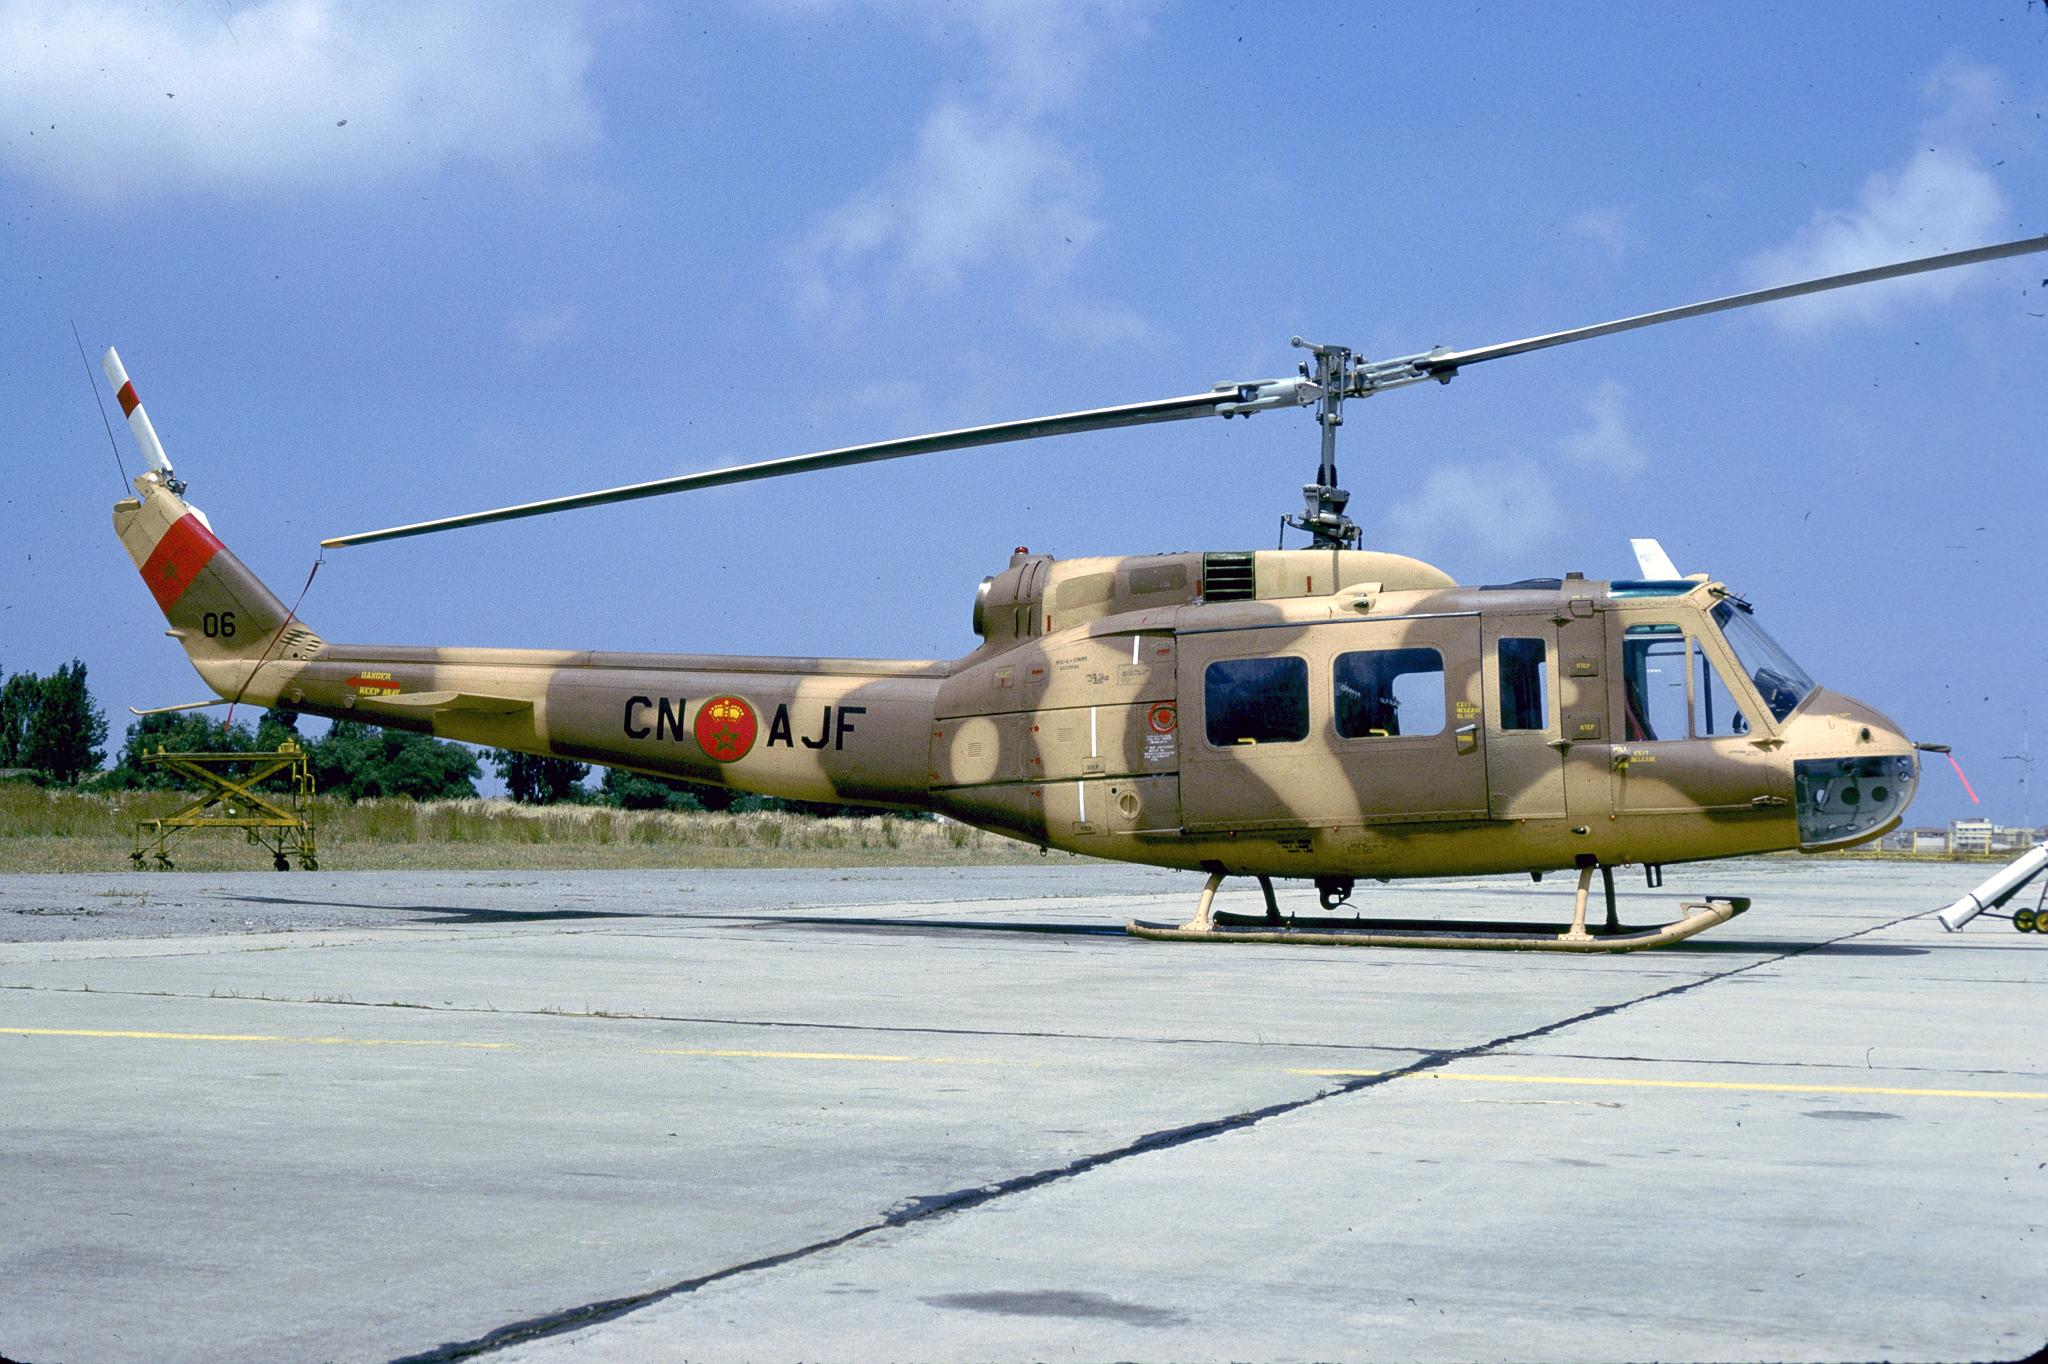 القوات الجوية الملكية المغربية - متجدد - - صفحة 2 160102035606168140